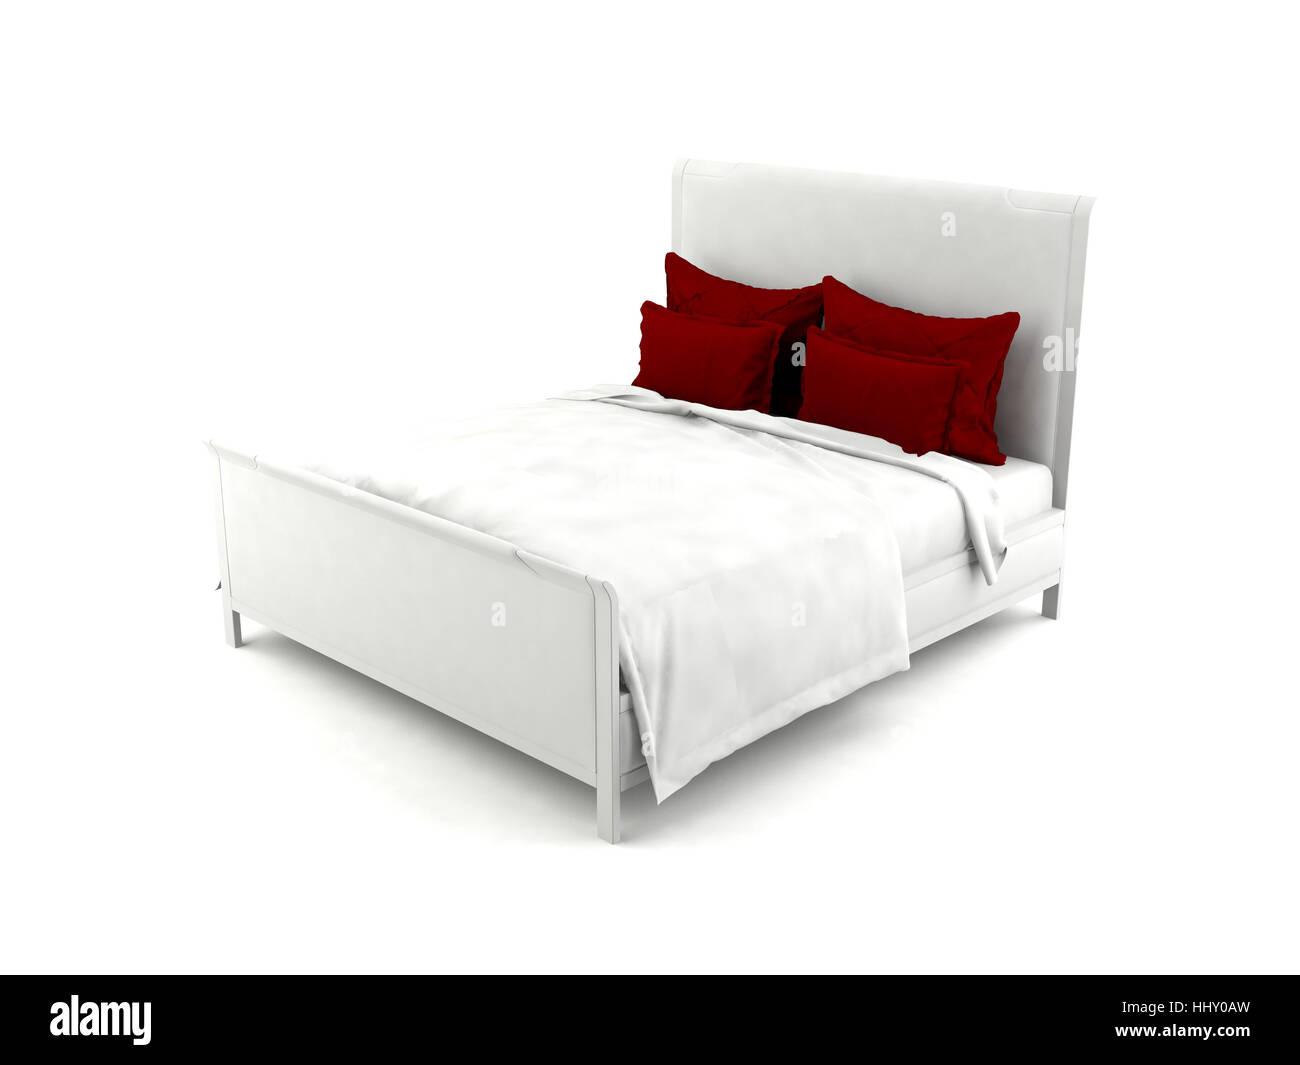 Lit avec oreillers rouge blanc Photo Stock